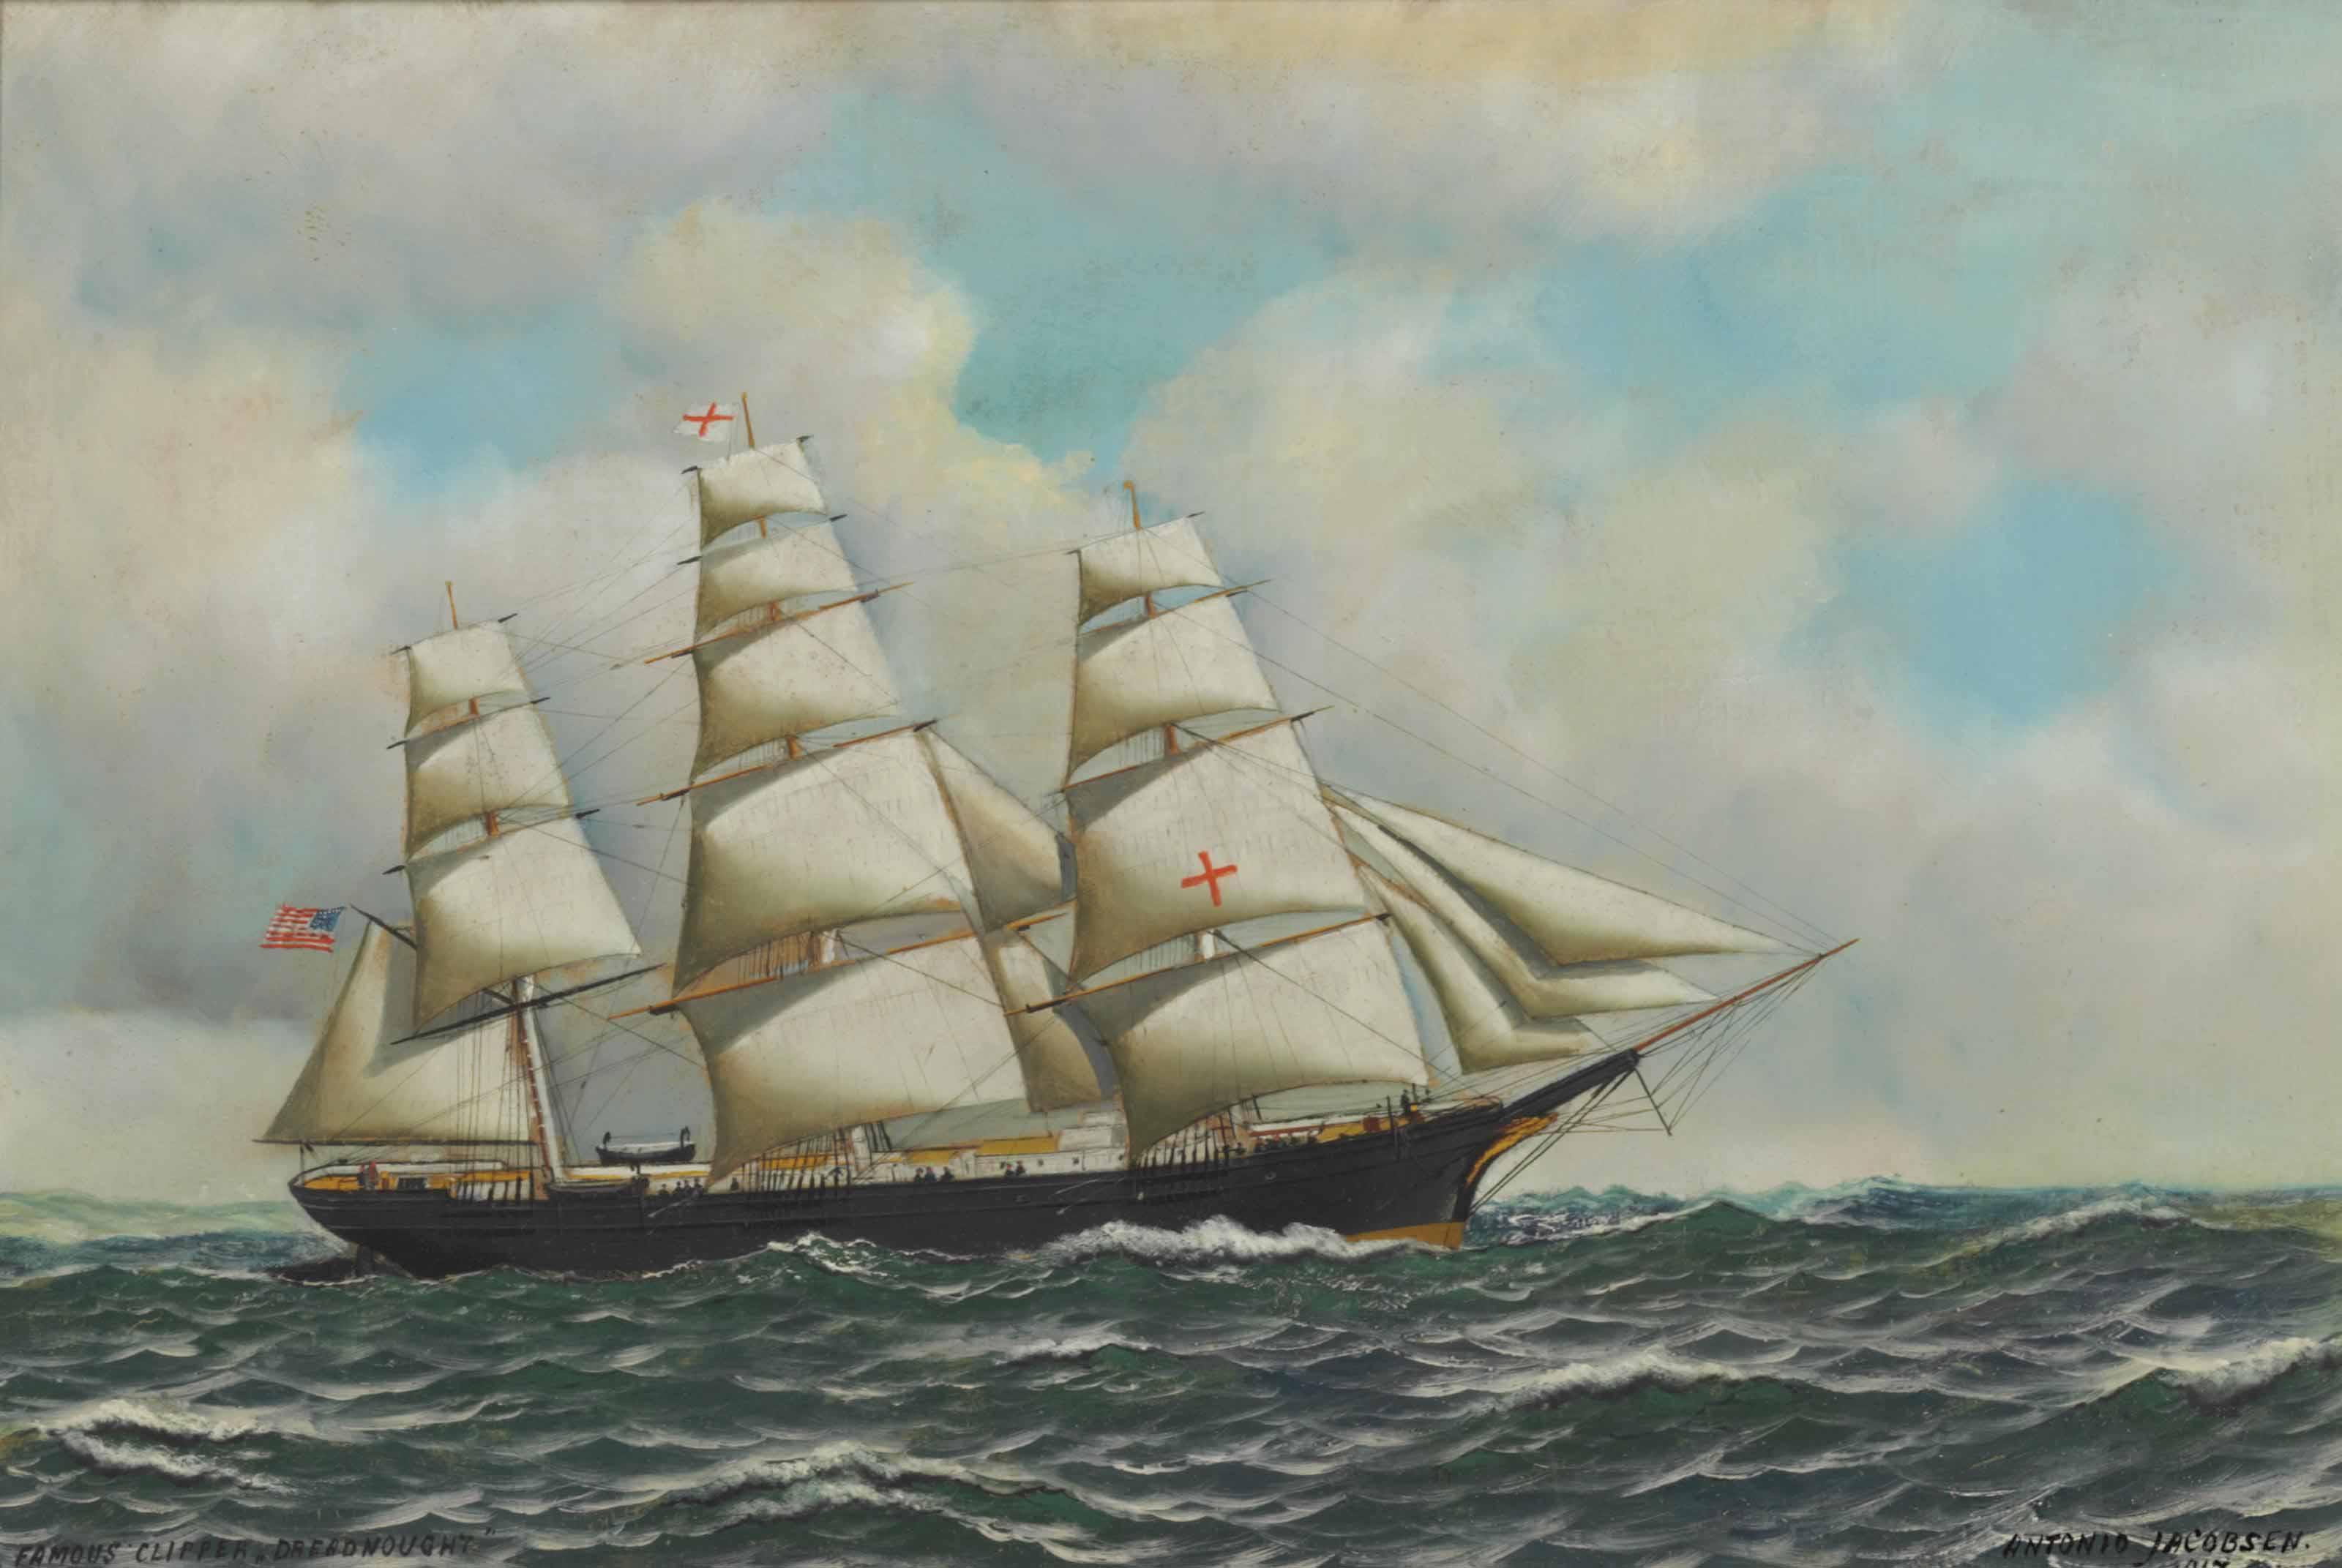 Antonio Nicolo Gasparo Jacobsen (1850-1921)